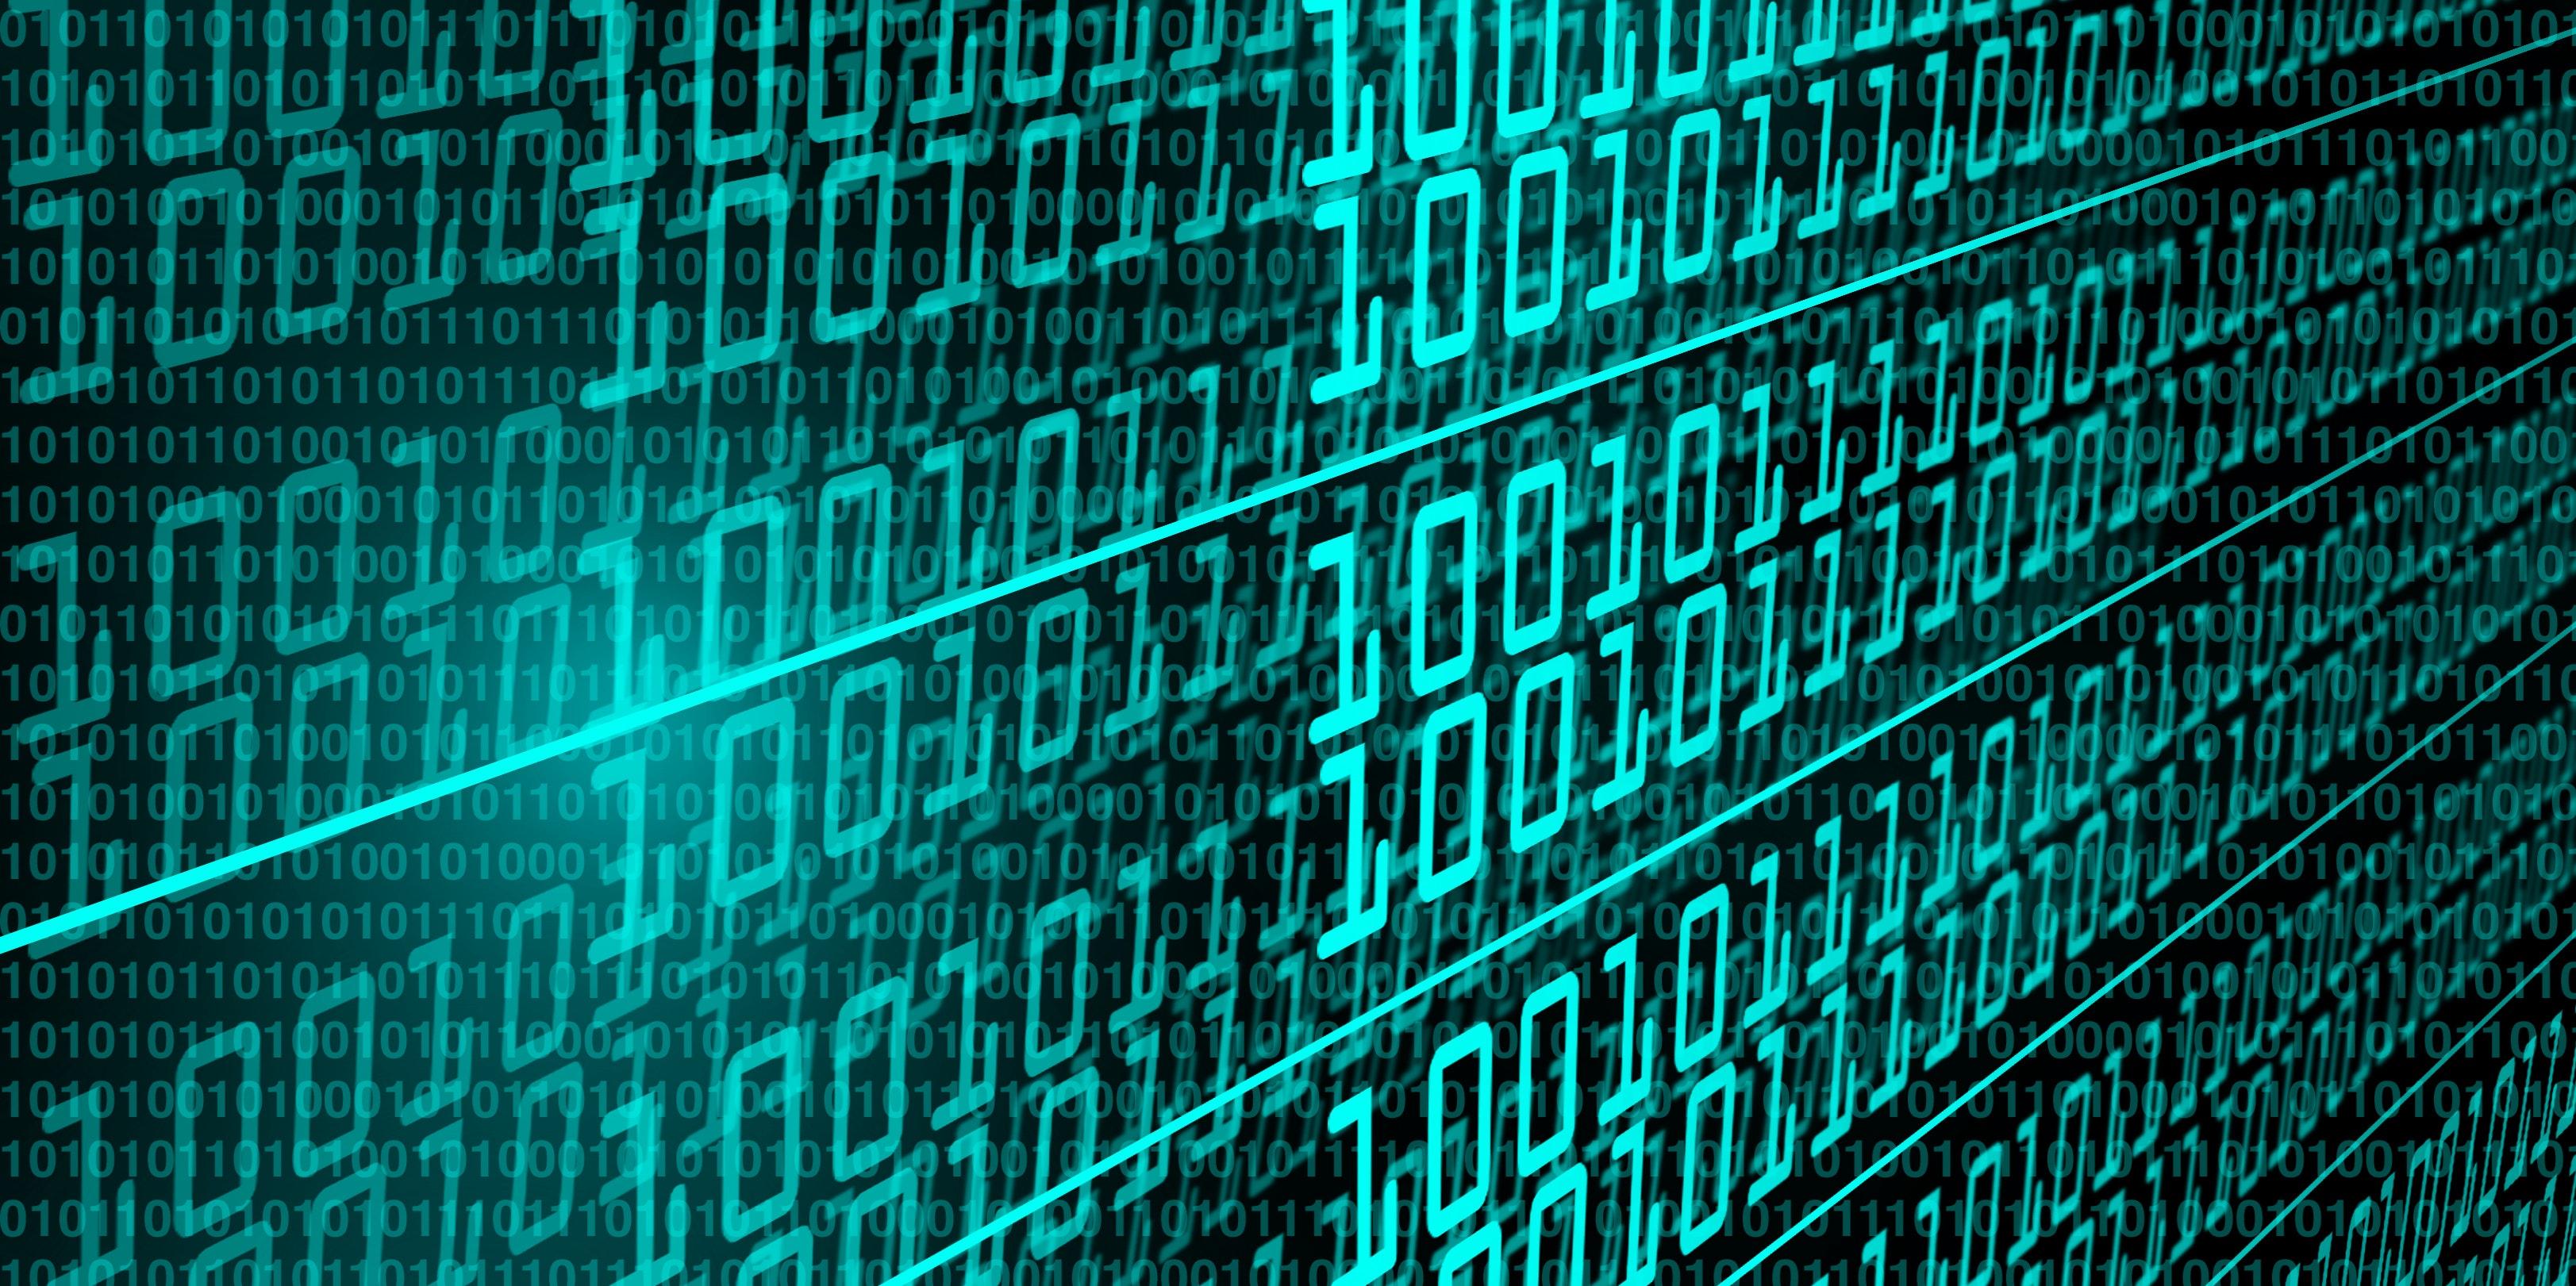 How Do You Code for a Quantum Computer?